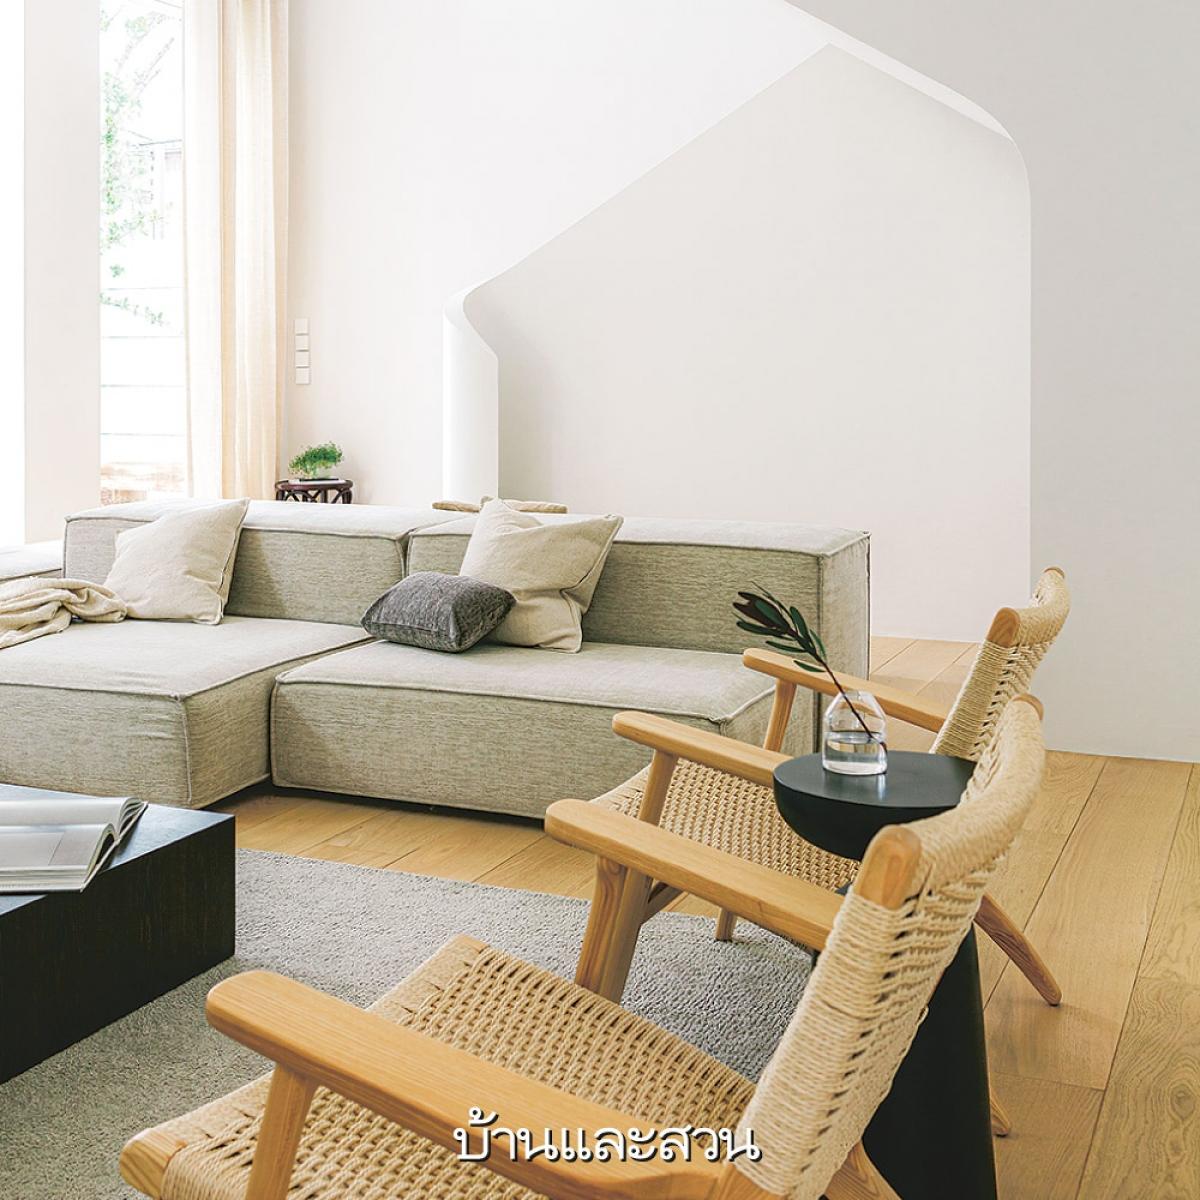 Sàn gỗ giúp căn nhà trở nên ấm áp hơn tương phản với tông nền màu trắng sáng.